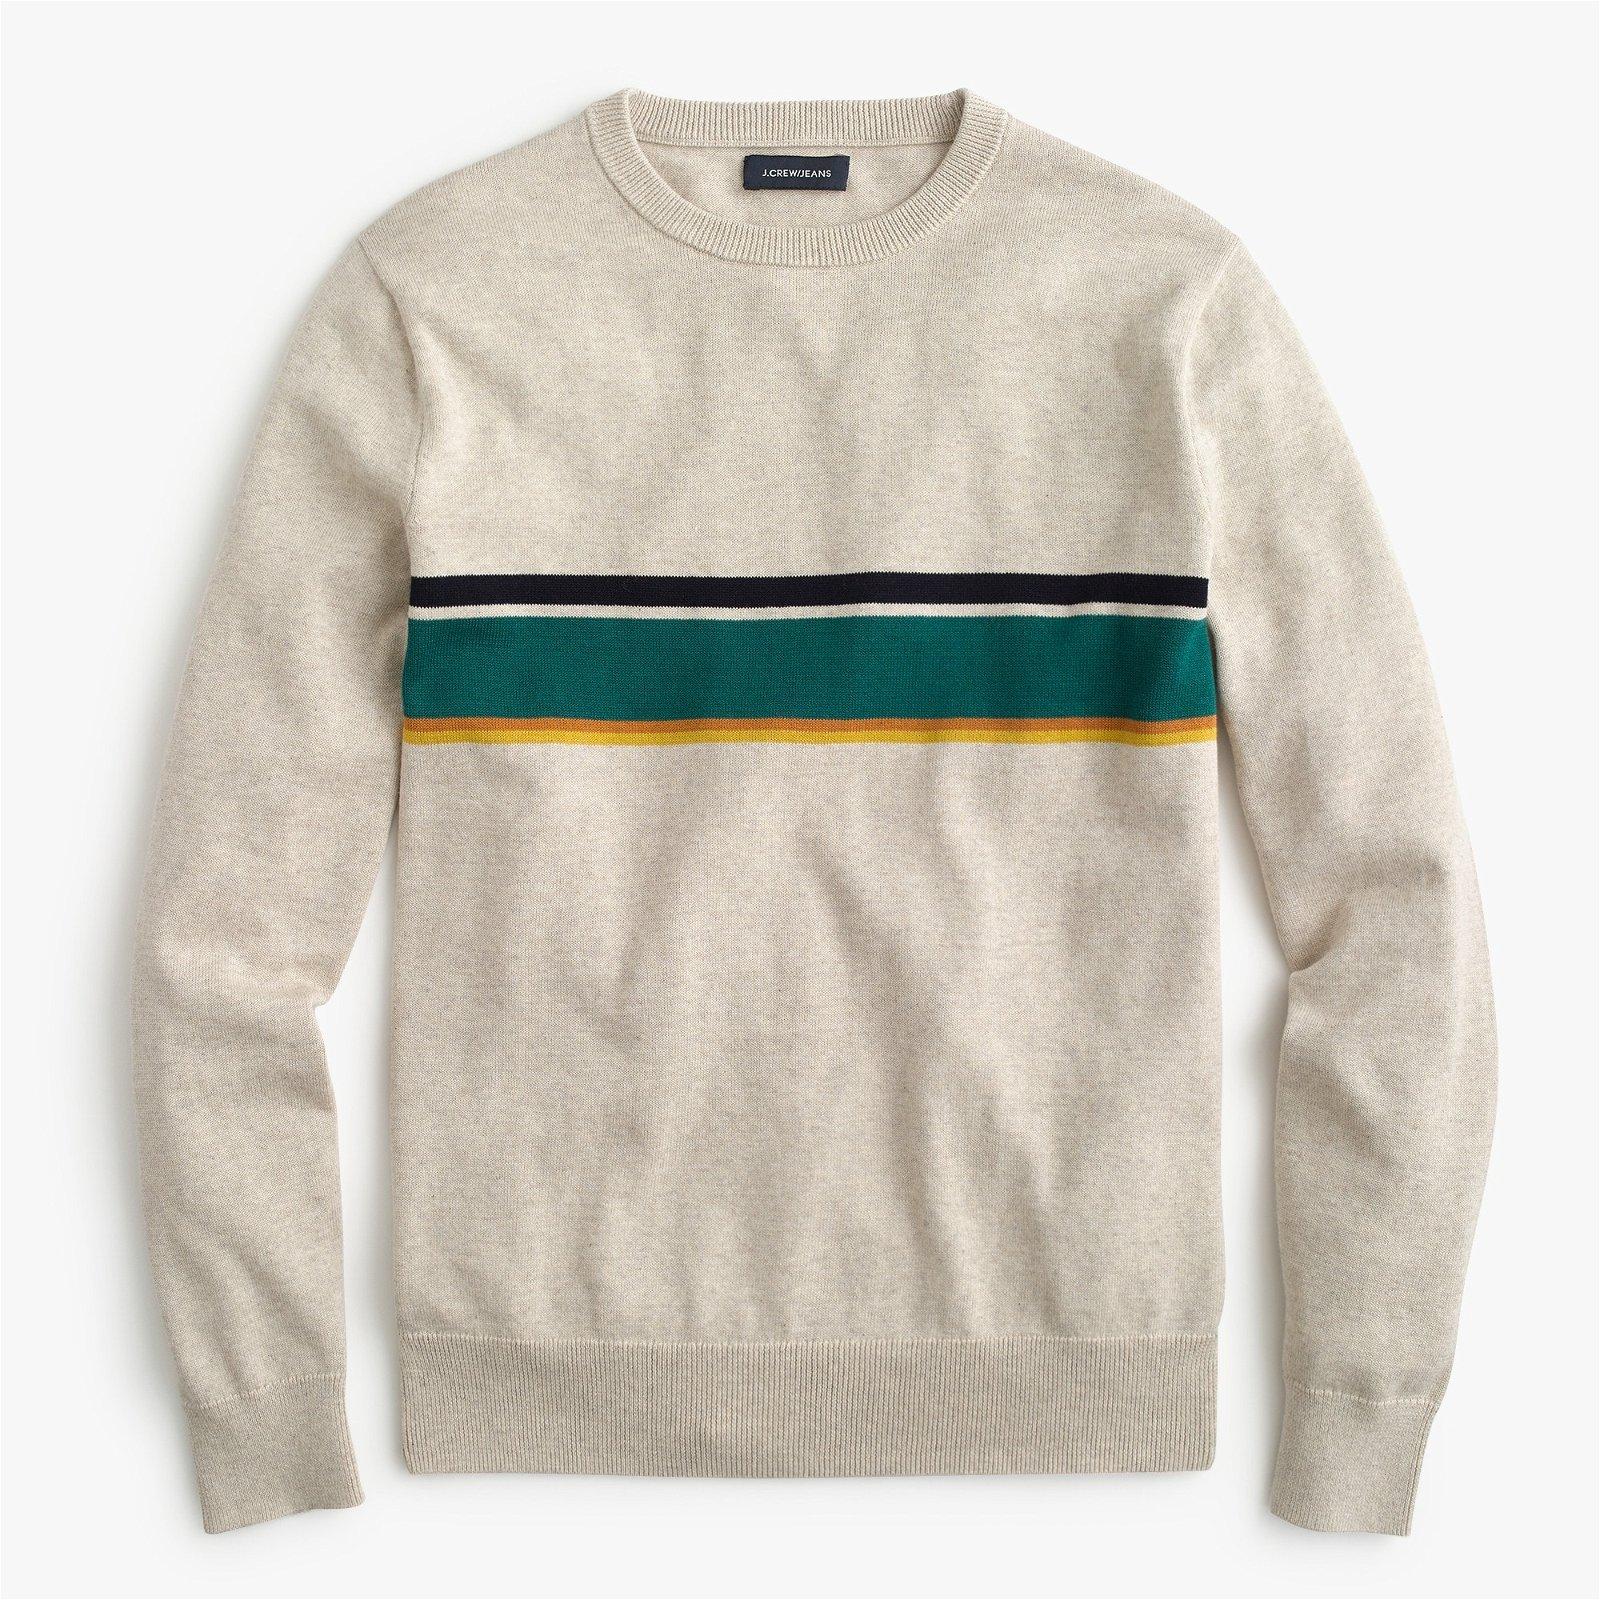 Cotton crewneck sweater in multicolor stripe